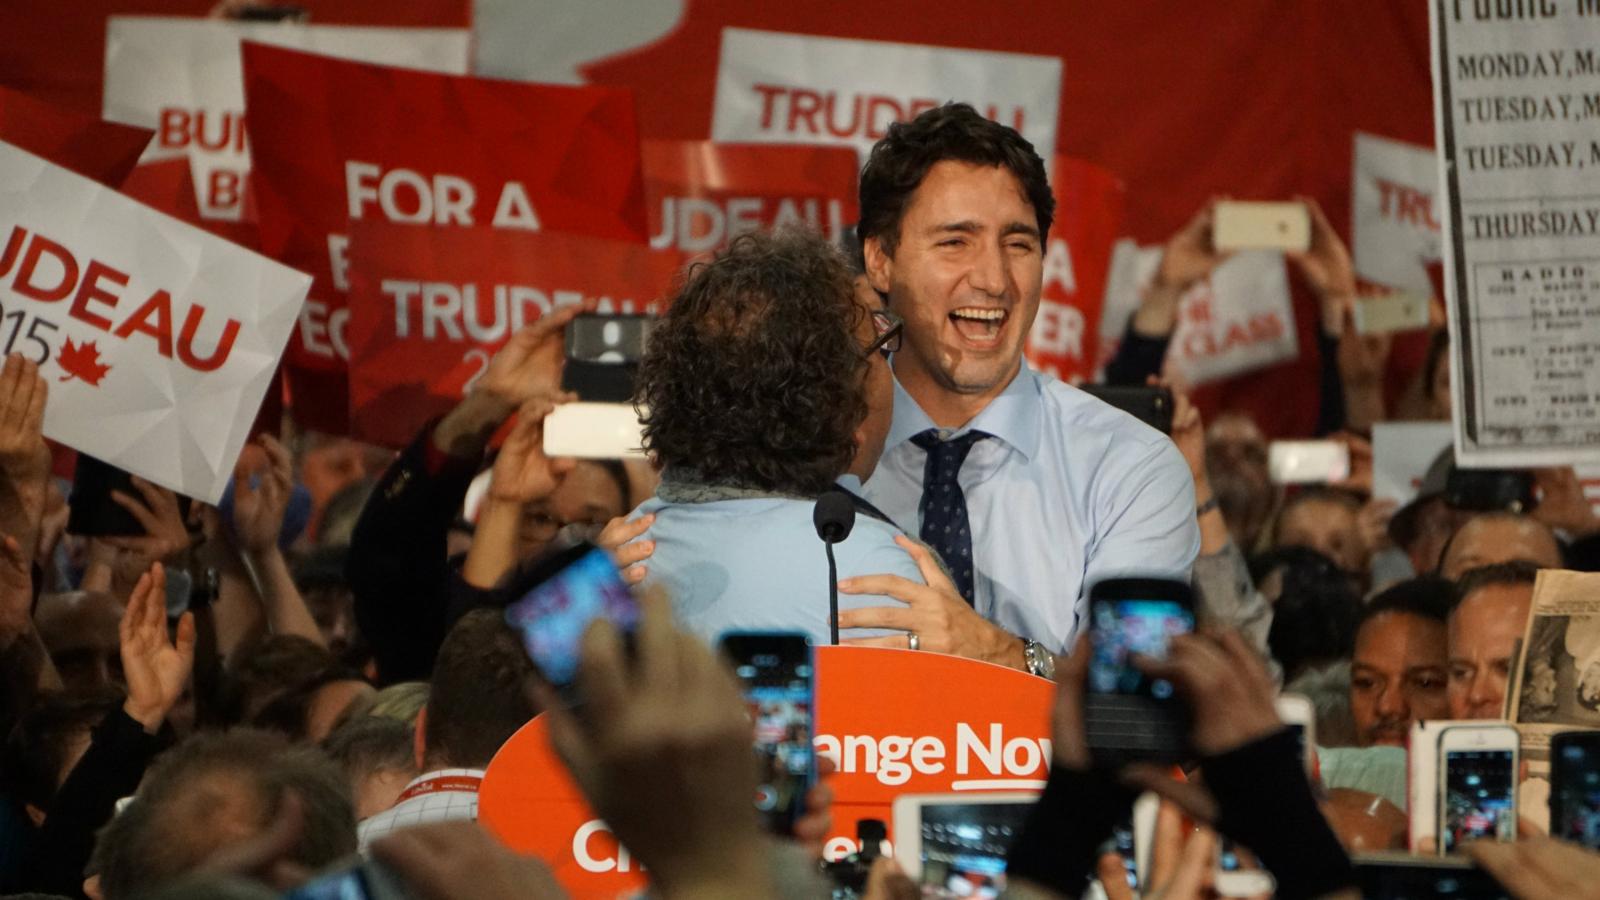 Canada : Justin Trudeau 43 ans, un nouveau Premier ministre inattendu  Jt_wins_2